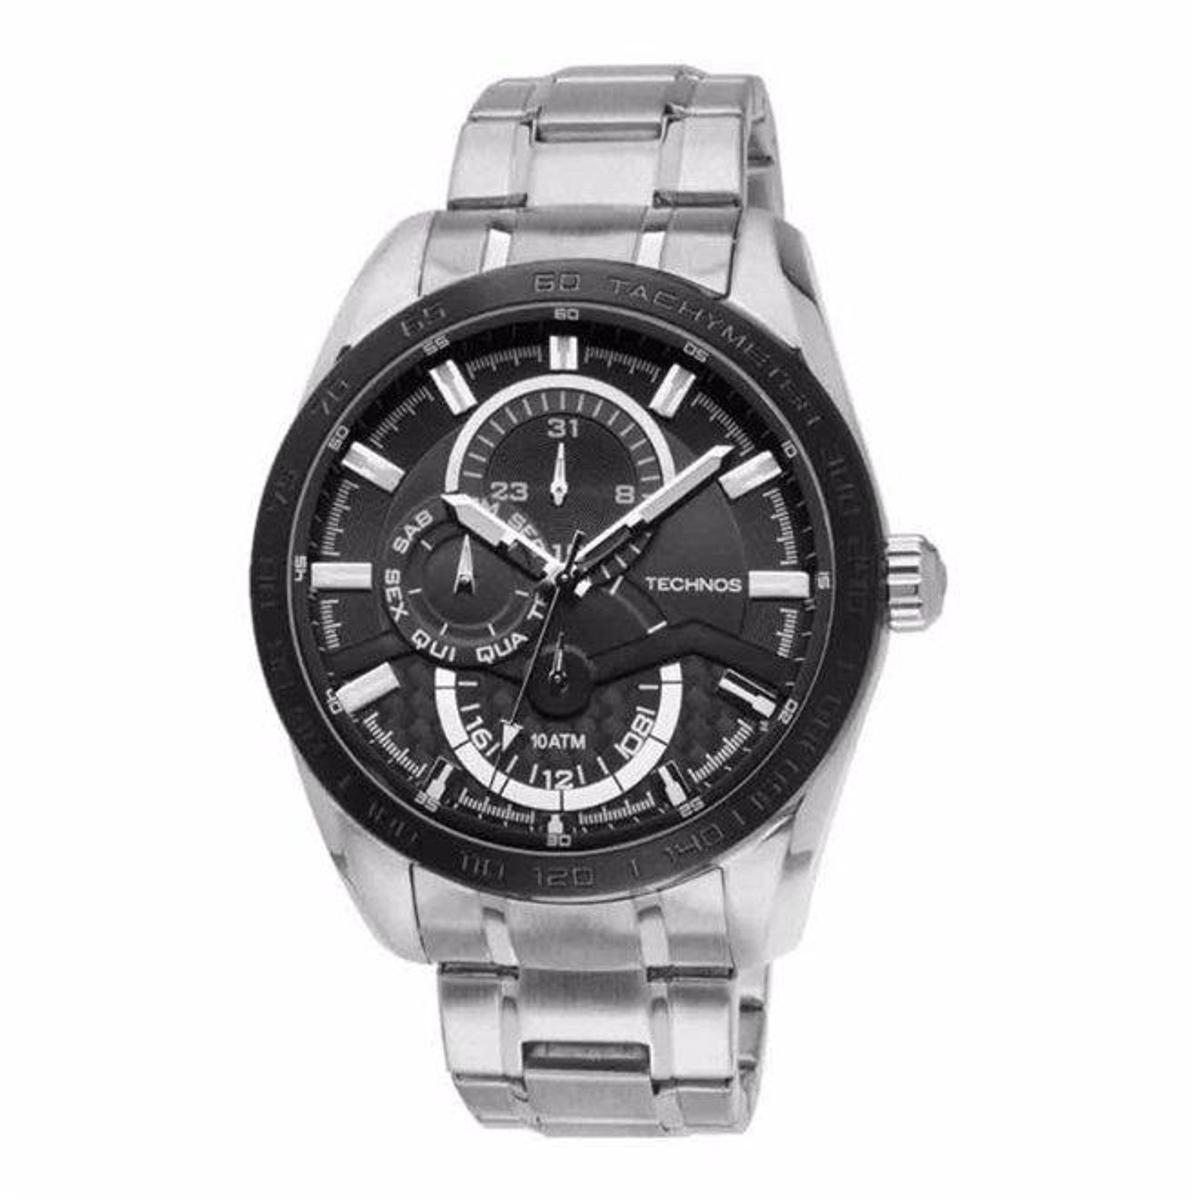 2255267eed5 Relógio Technos Masculino Social Js05ah 1P - Compre Agora